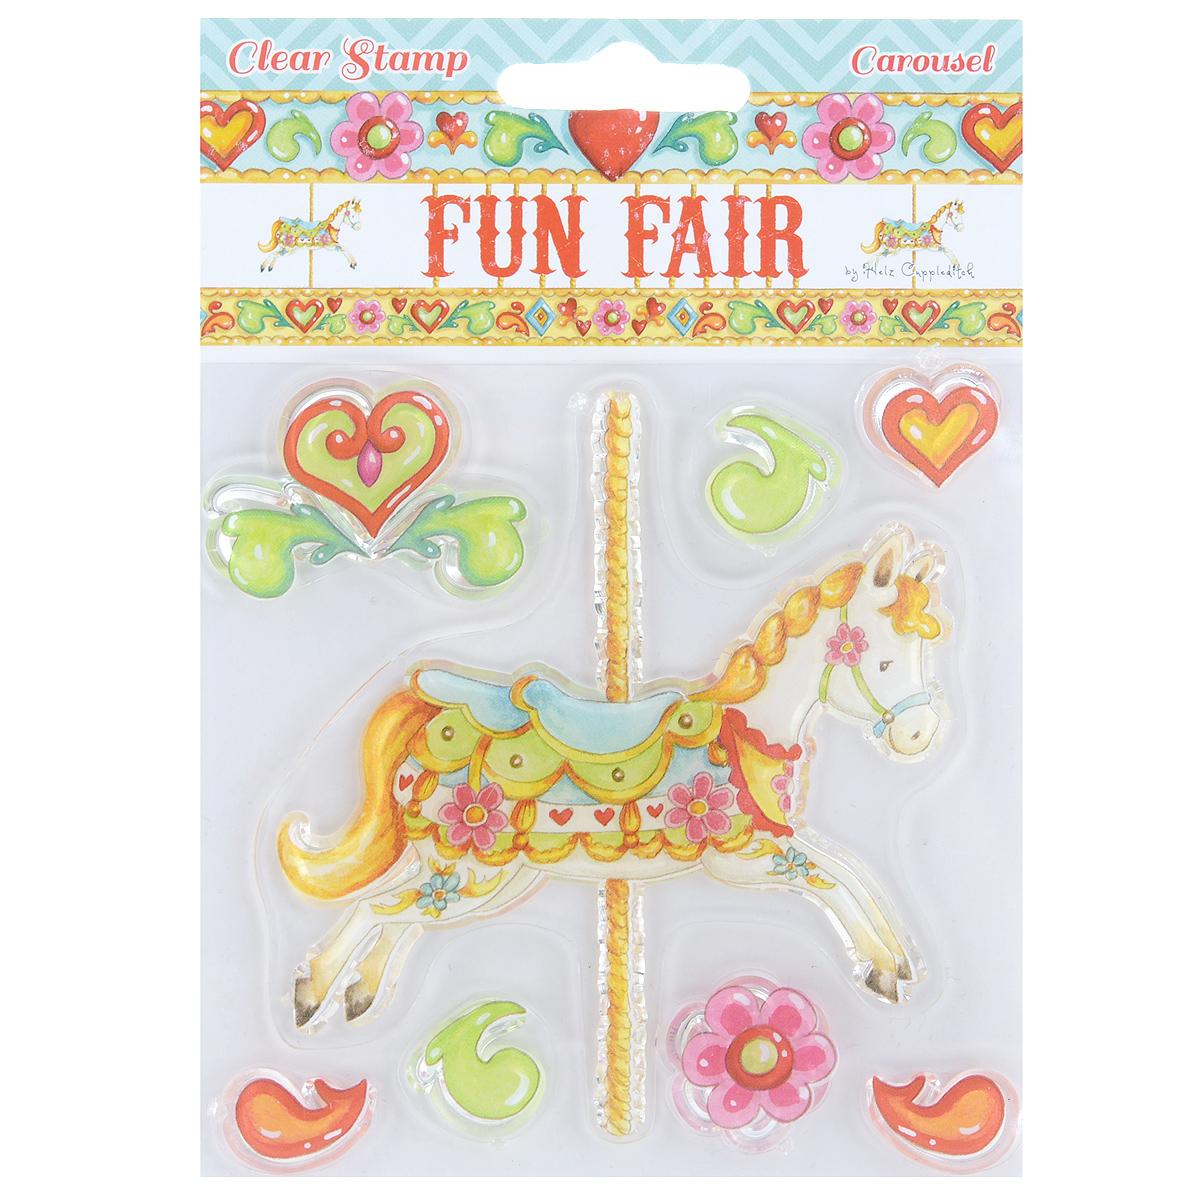 Штамп прозрачный Fun Fair Carousel, 8 штHCCS022Штампы Fun Fair Carousel выполнены из силикона и применяются для оформления творческих работ в технике скрапбукинг. Их можно использовать для украшения тетрадей, альбомов, дневников, самодельных открыток и многого другого. Для работы со штампом необходим акриловый блок и чернильная подушечка. В наборе - 8 штампов. Скрапбукинг - это хобби, которое способно приносить массу приятных эмоций не только человеку, который занимается скрапбукингом, но и его близким, друзьям, родным. Это невероятно увлекательное занятие, которое поможет вам сохранить наиболее памятные и яркие моменты вашей жизни для вас и даже ваших потомков. Средний размер штампа: 4 см х 3 см. Комплектация: 8 шт. Материал: силикон.